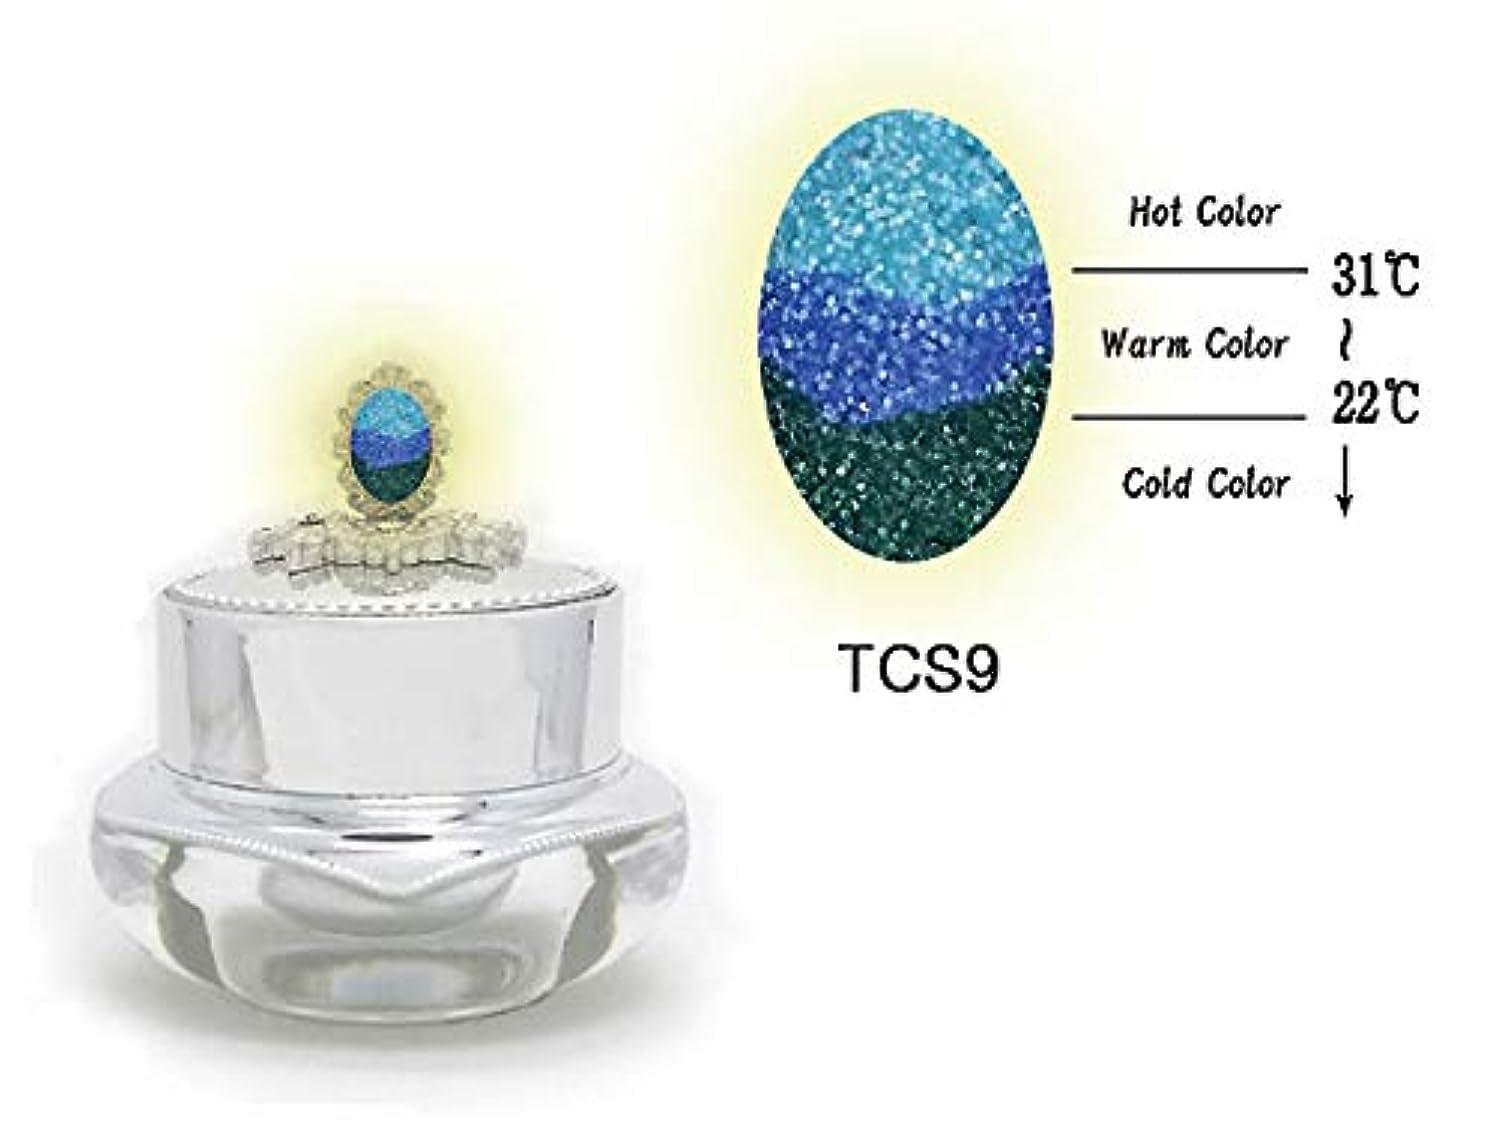 四面体によるとドアKENZICO (ケンジコ) Triple Sugar Gel一般用3g 【TCS9】 3つの色に変わる夜光ジェル トリプルシュガージェル